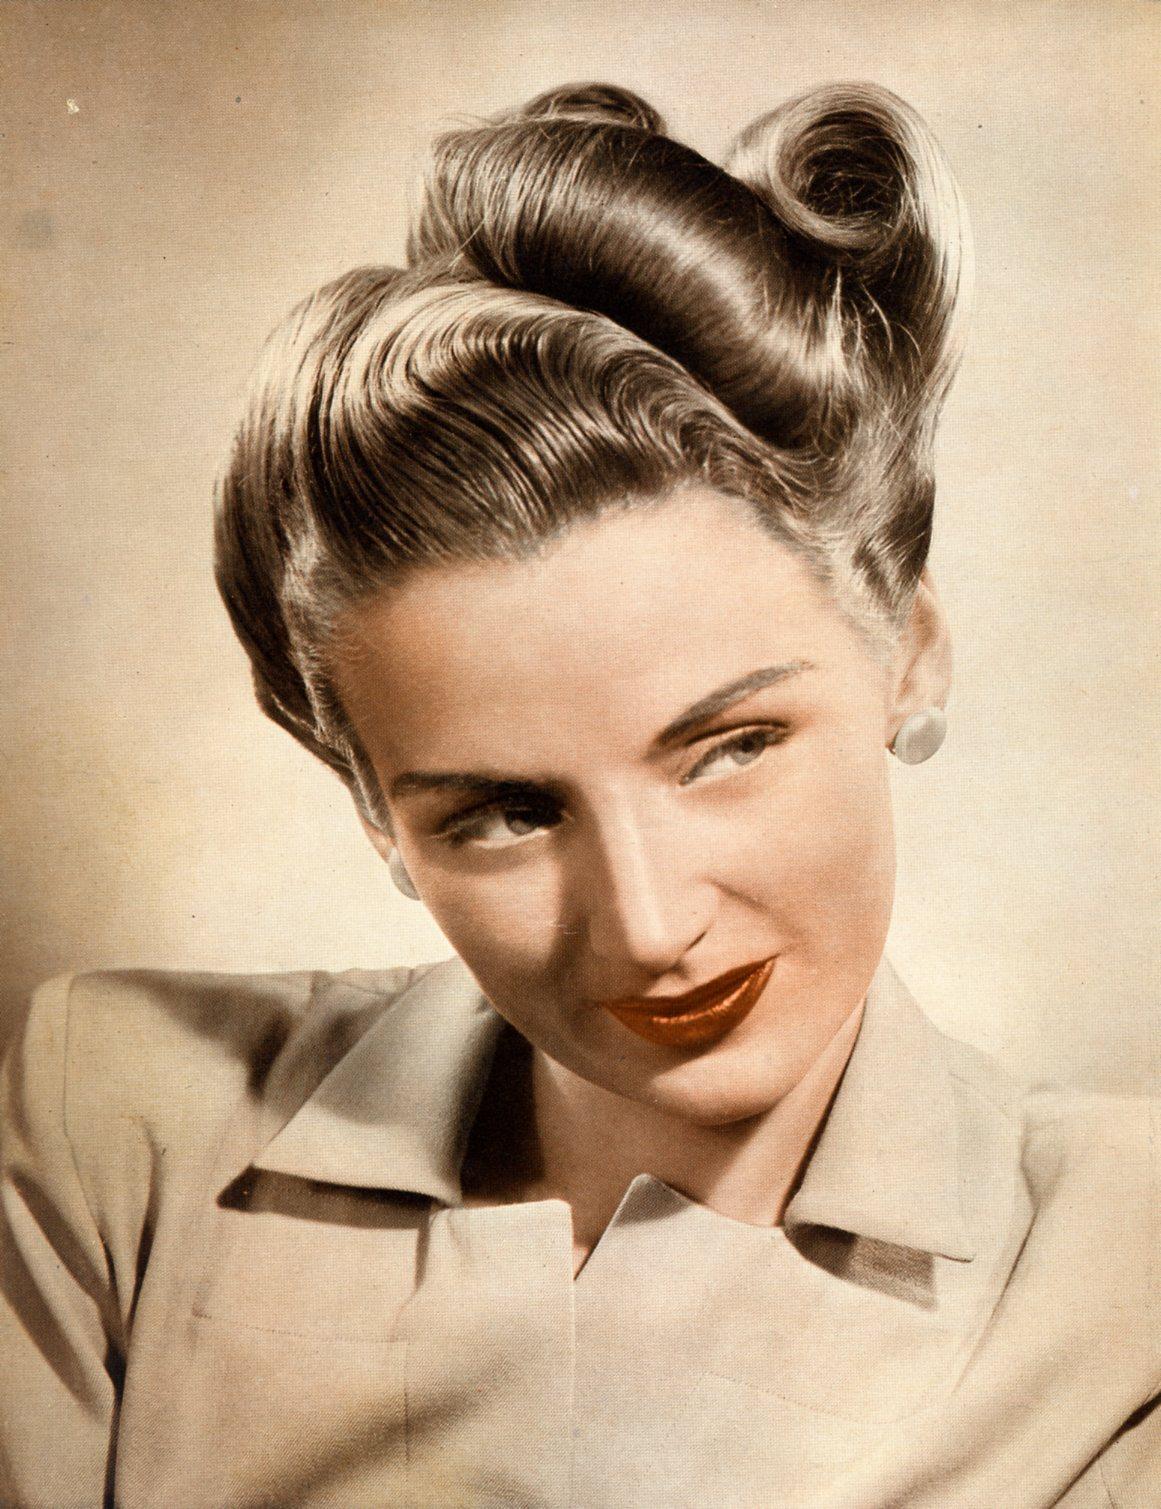 15 Ways Going Vintage To Get That Debonair Look Hairstyles For Women